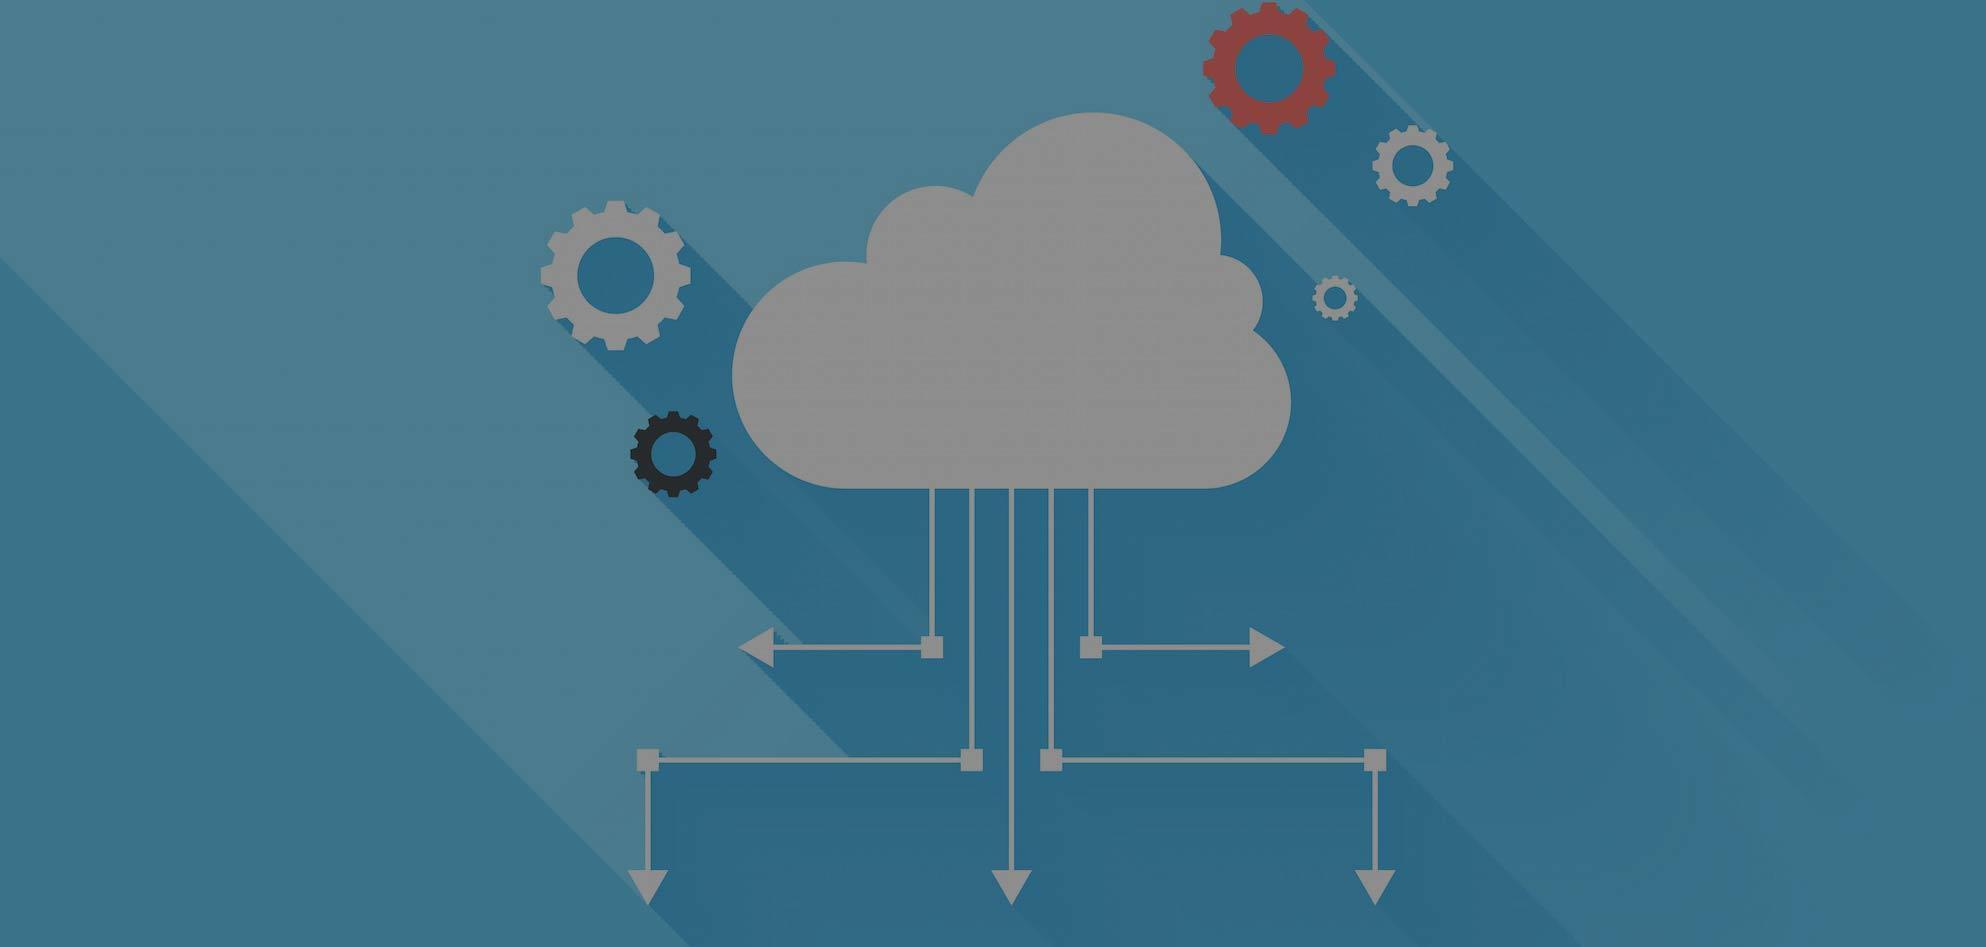 Bulut Bilişim (Cloud Computing) Dönüşümünde İş Analistlerinin Rolü